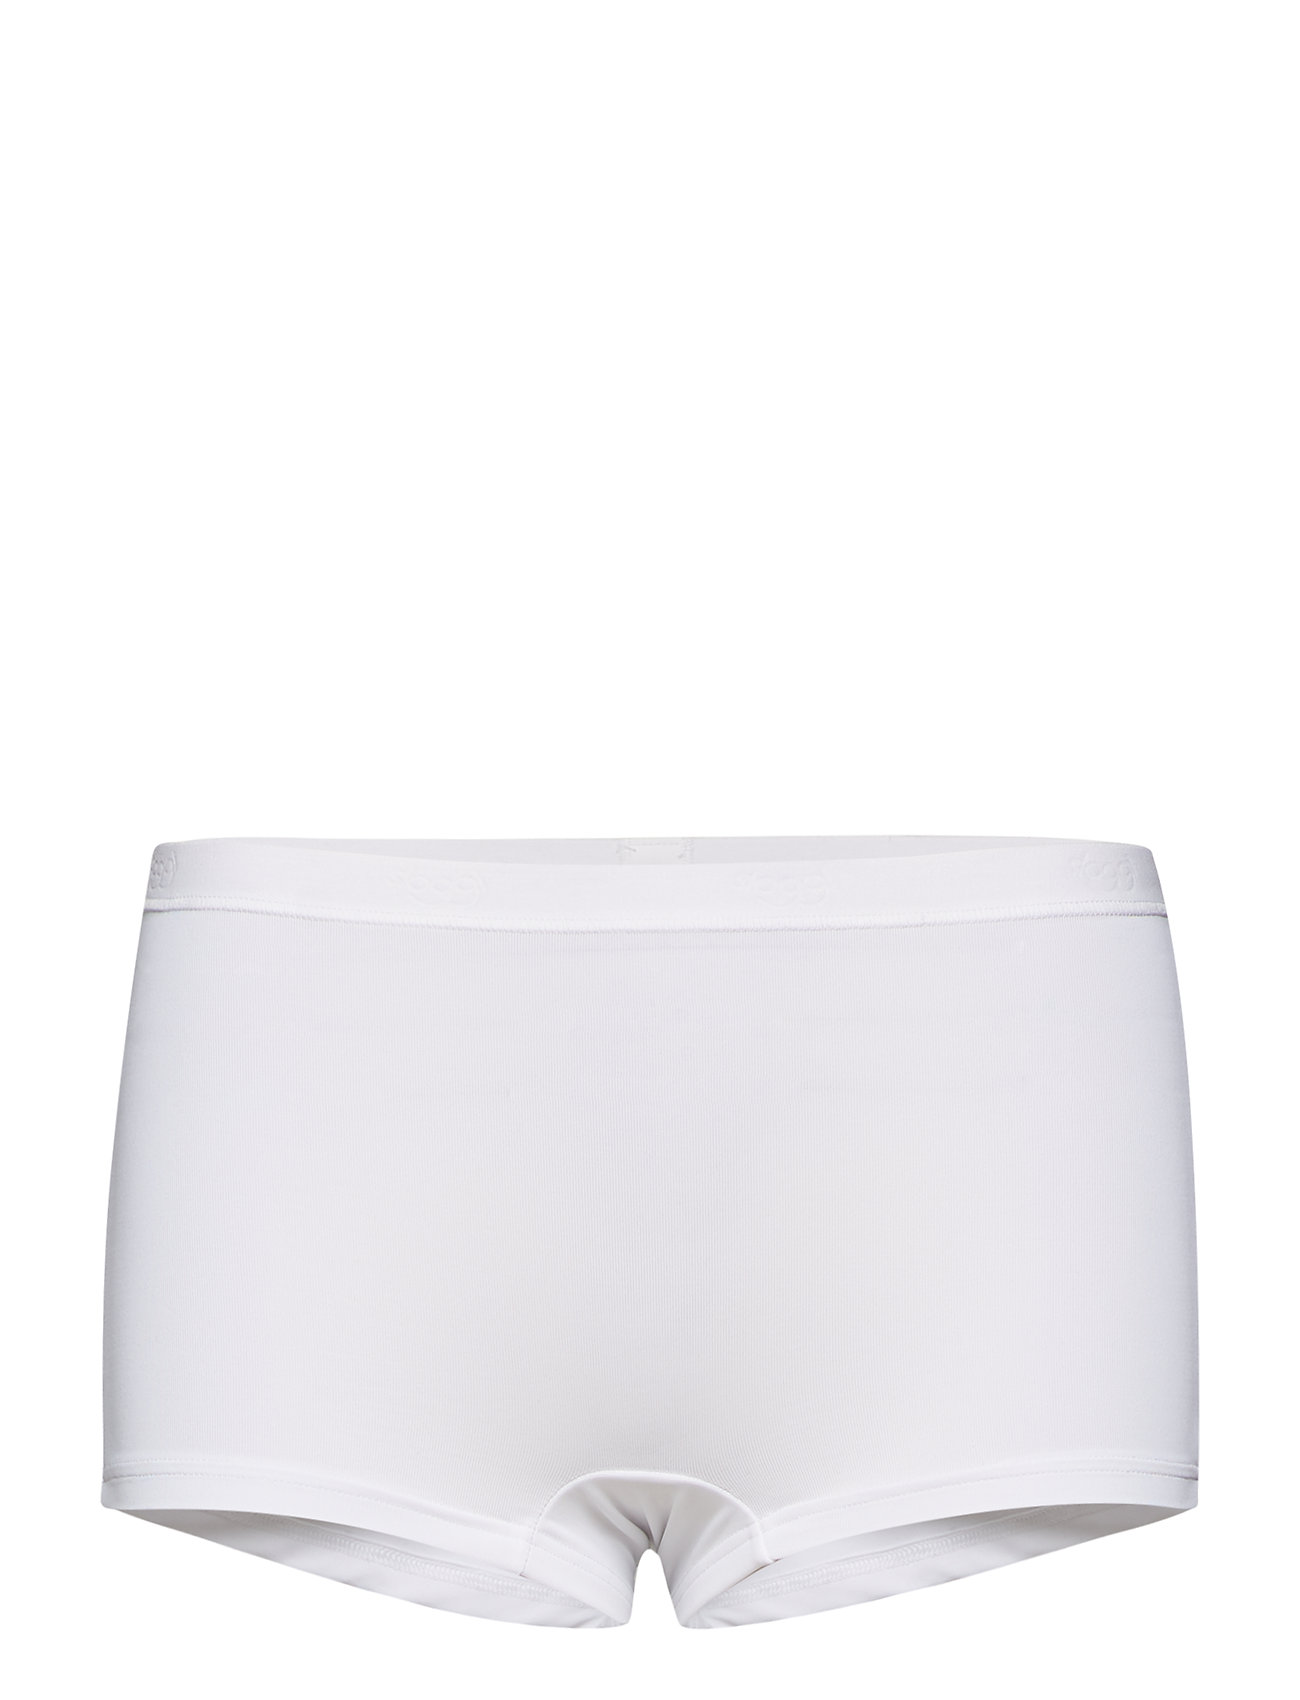 sloggi sloggi Sensual Fresh Short - WHITE